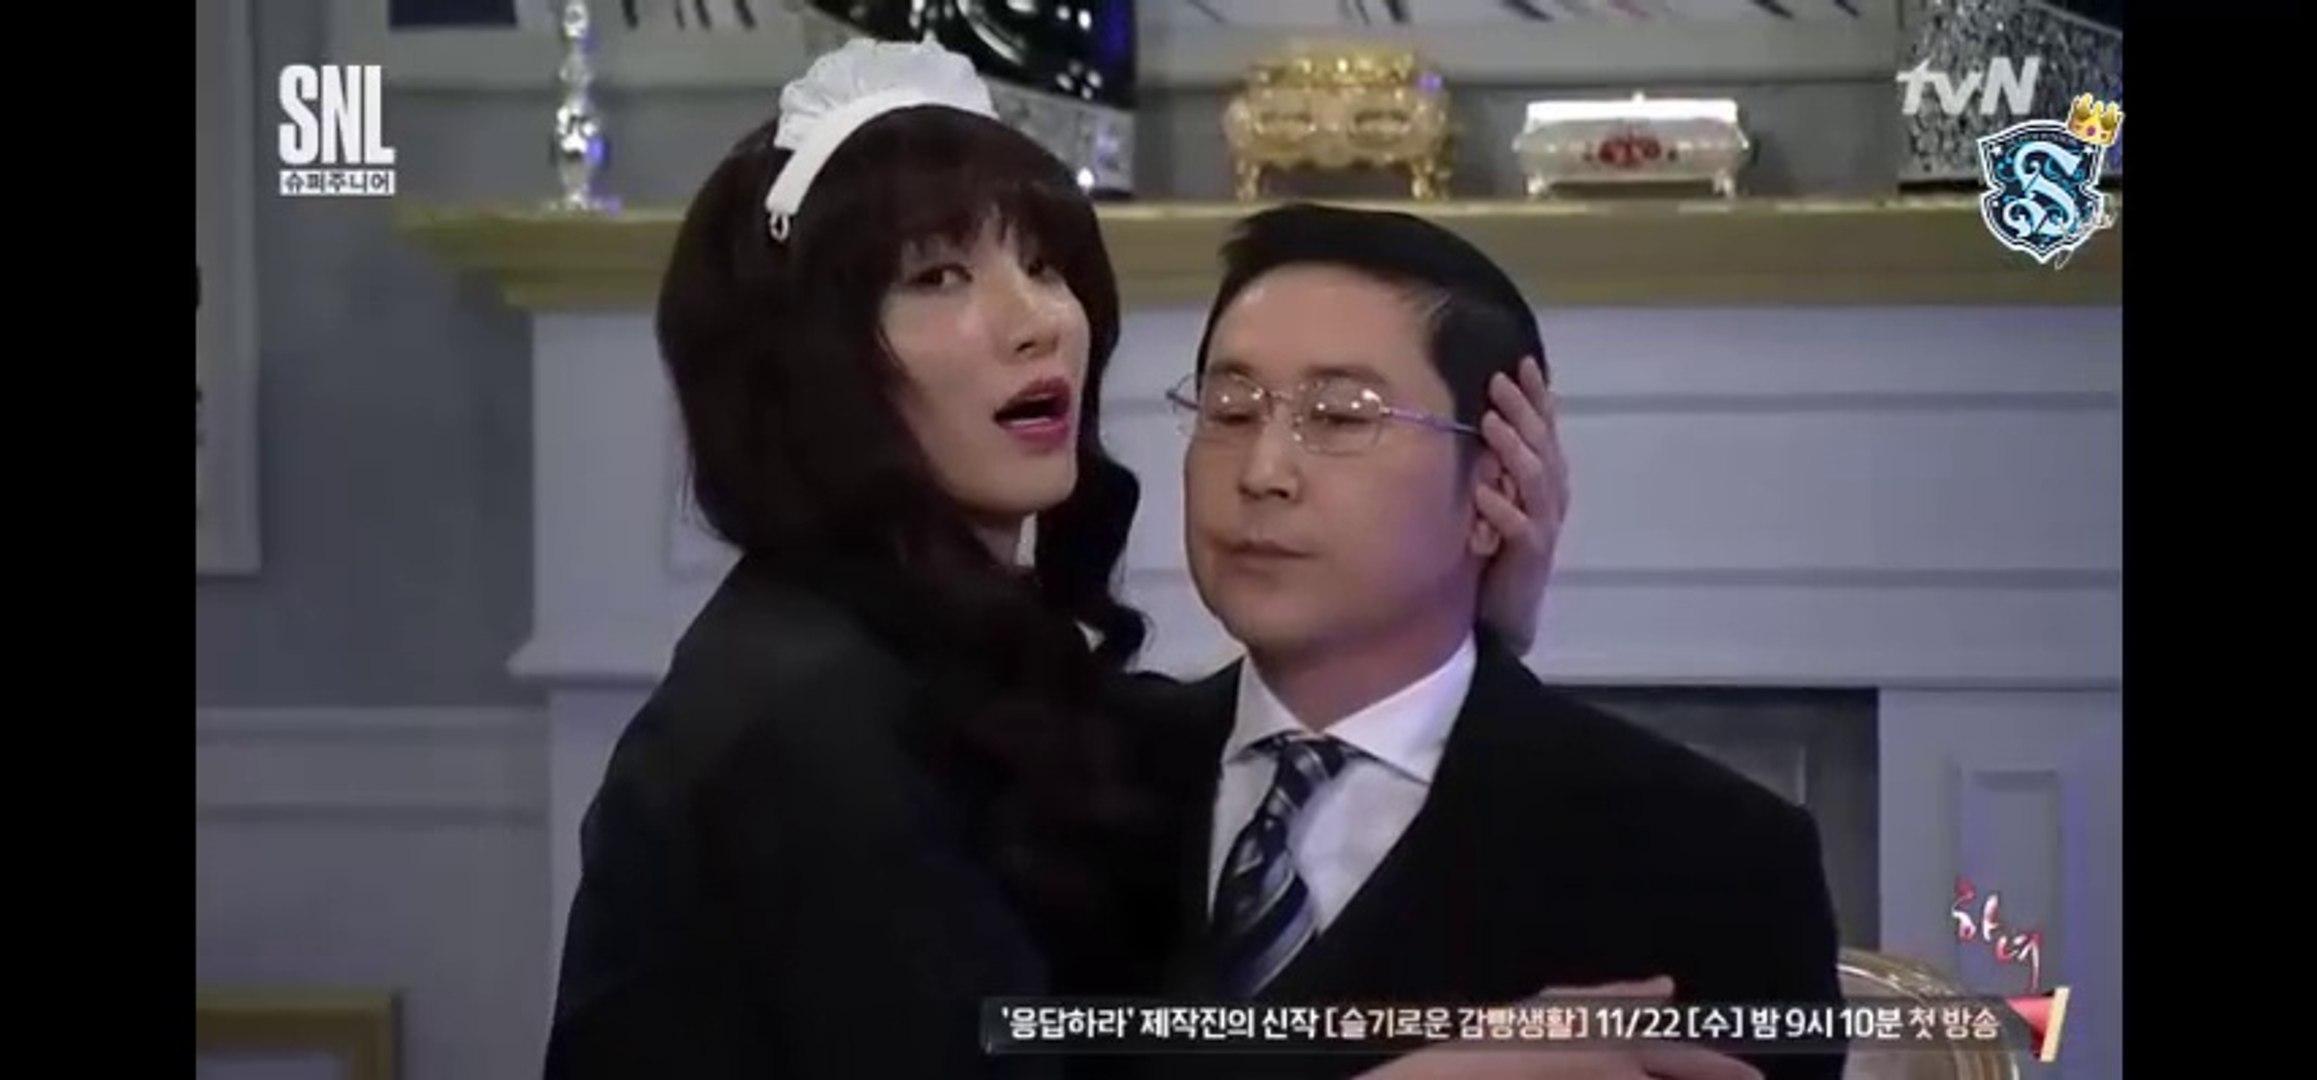 Super Junior en SNL Korea/La doncella [Sub  Español]